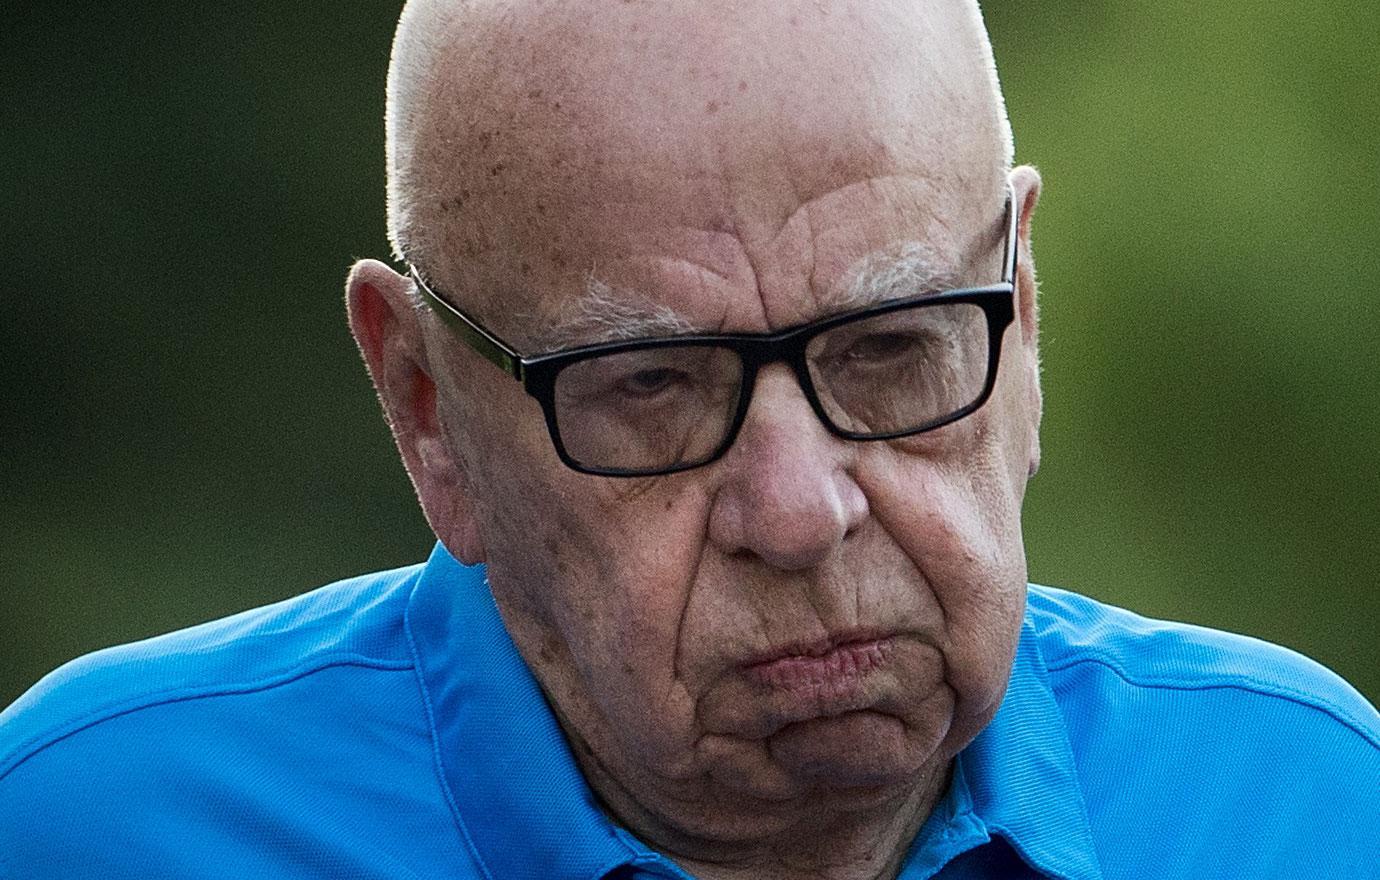 Female News Staffers Slam Rupert Murdoch